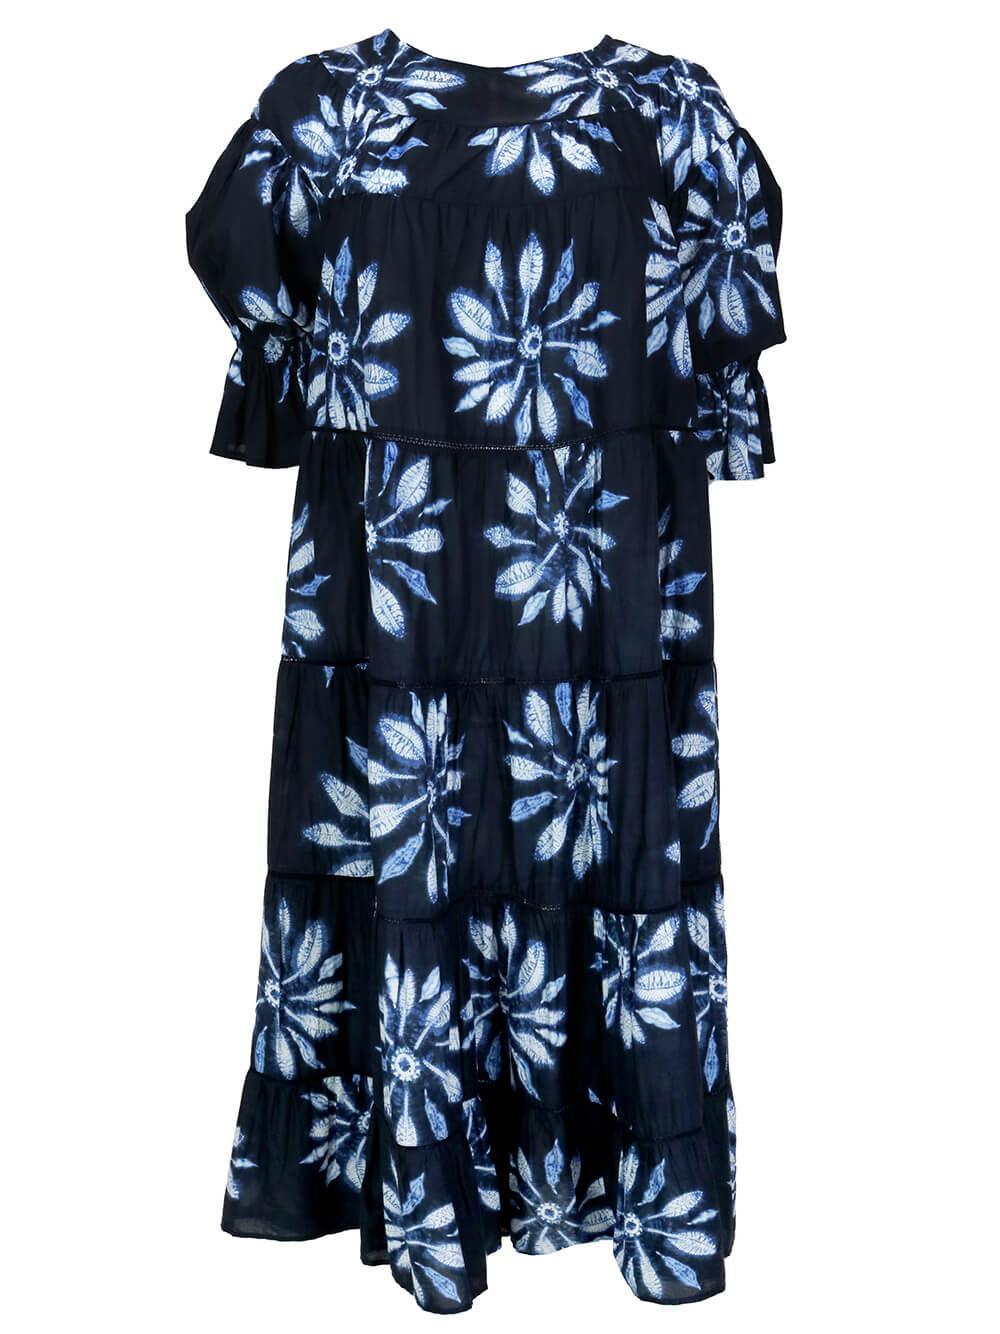 Paradis Shibori Dress